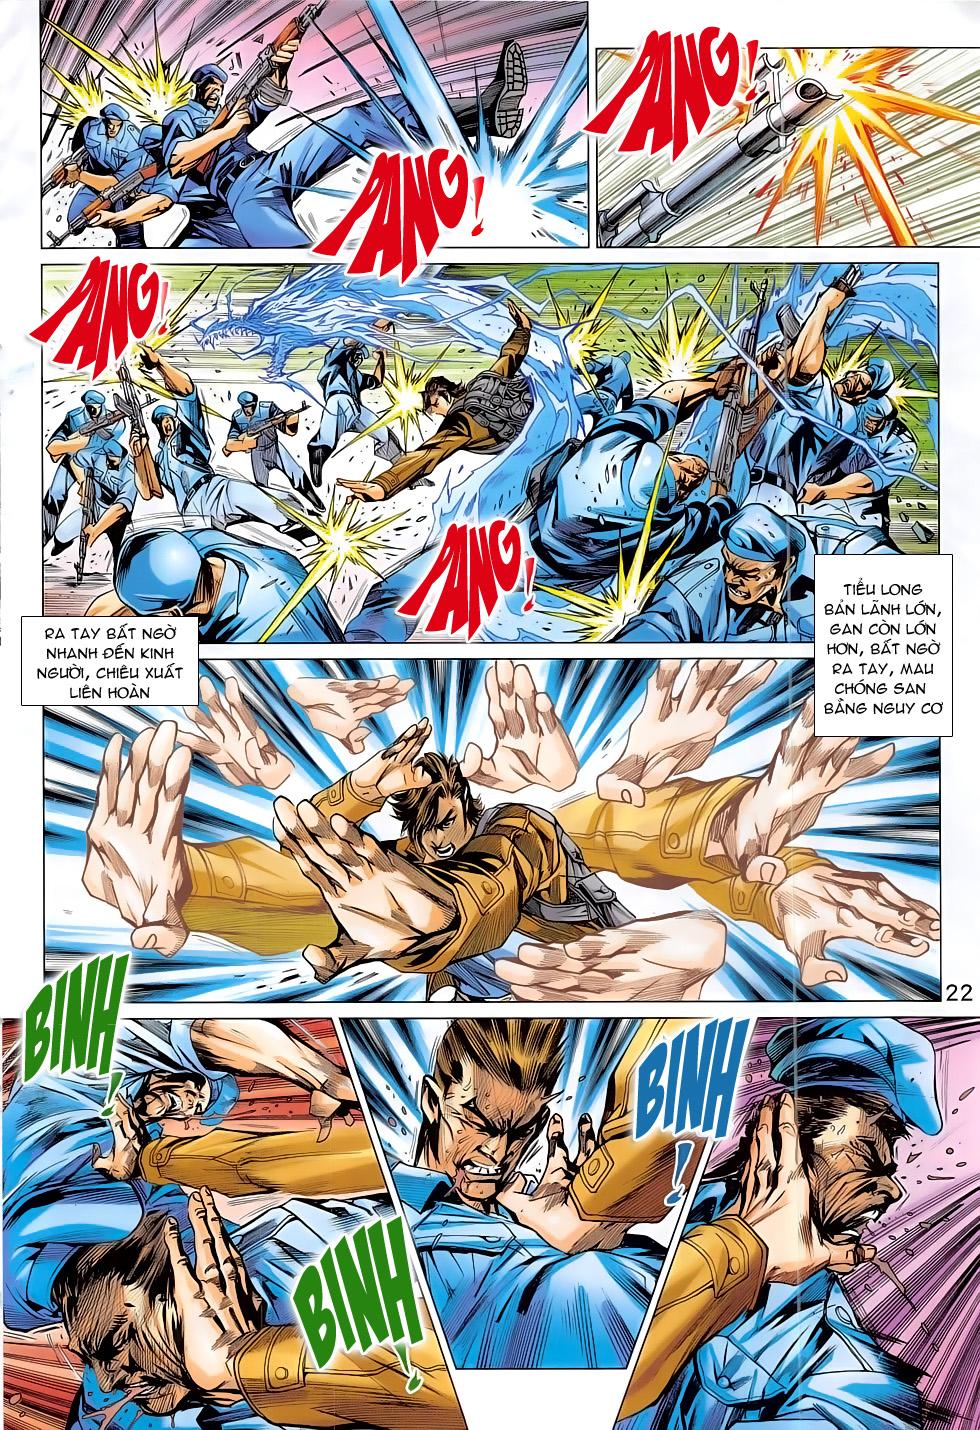 Tân Tác Long Hổ Môn chap 794 Trang 22 - Mangak.info